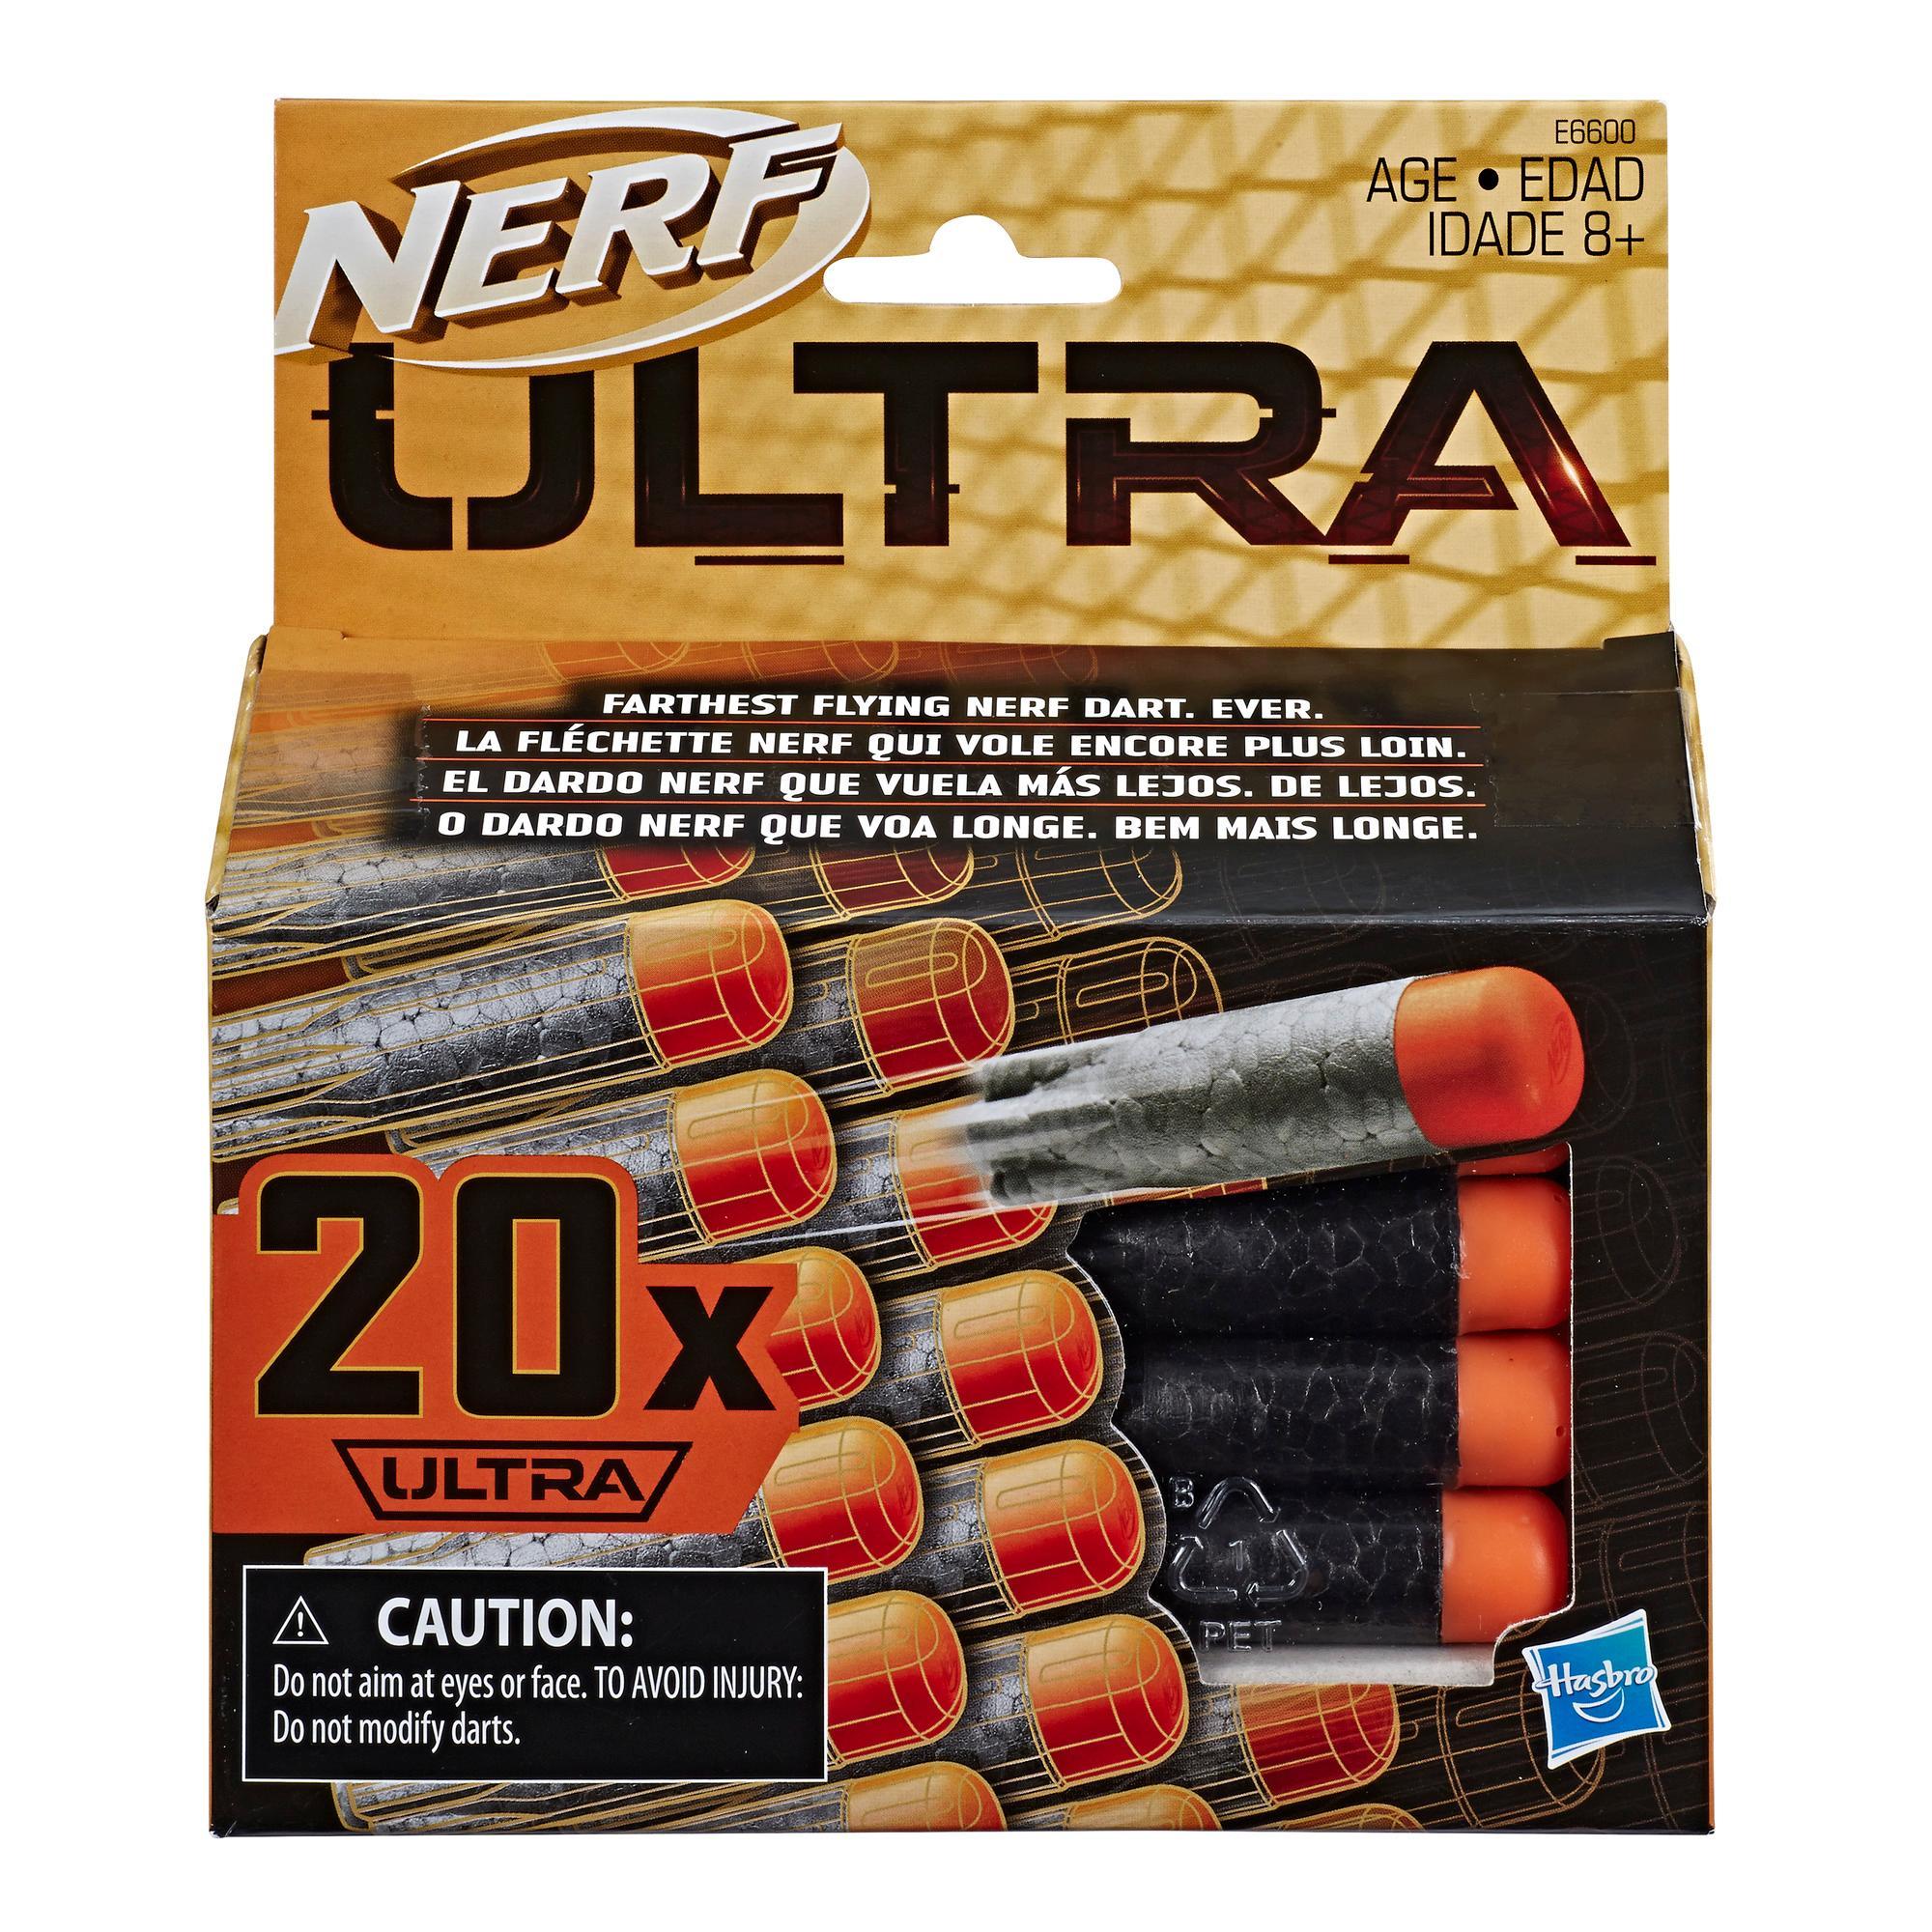 Genopfyldningspakke med 20 pile til Nerf Ultra One – de længst flyvende Nerf-pile nogensinde – kun kompatible med Nerf Ultra One-blastere